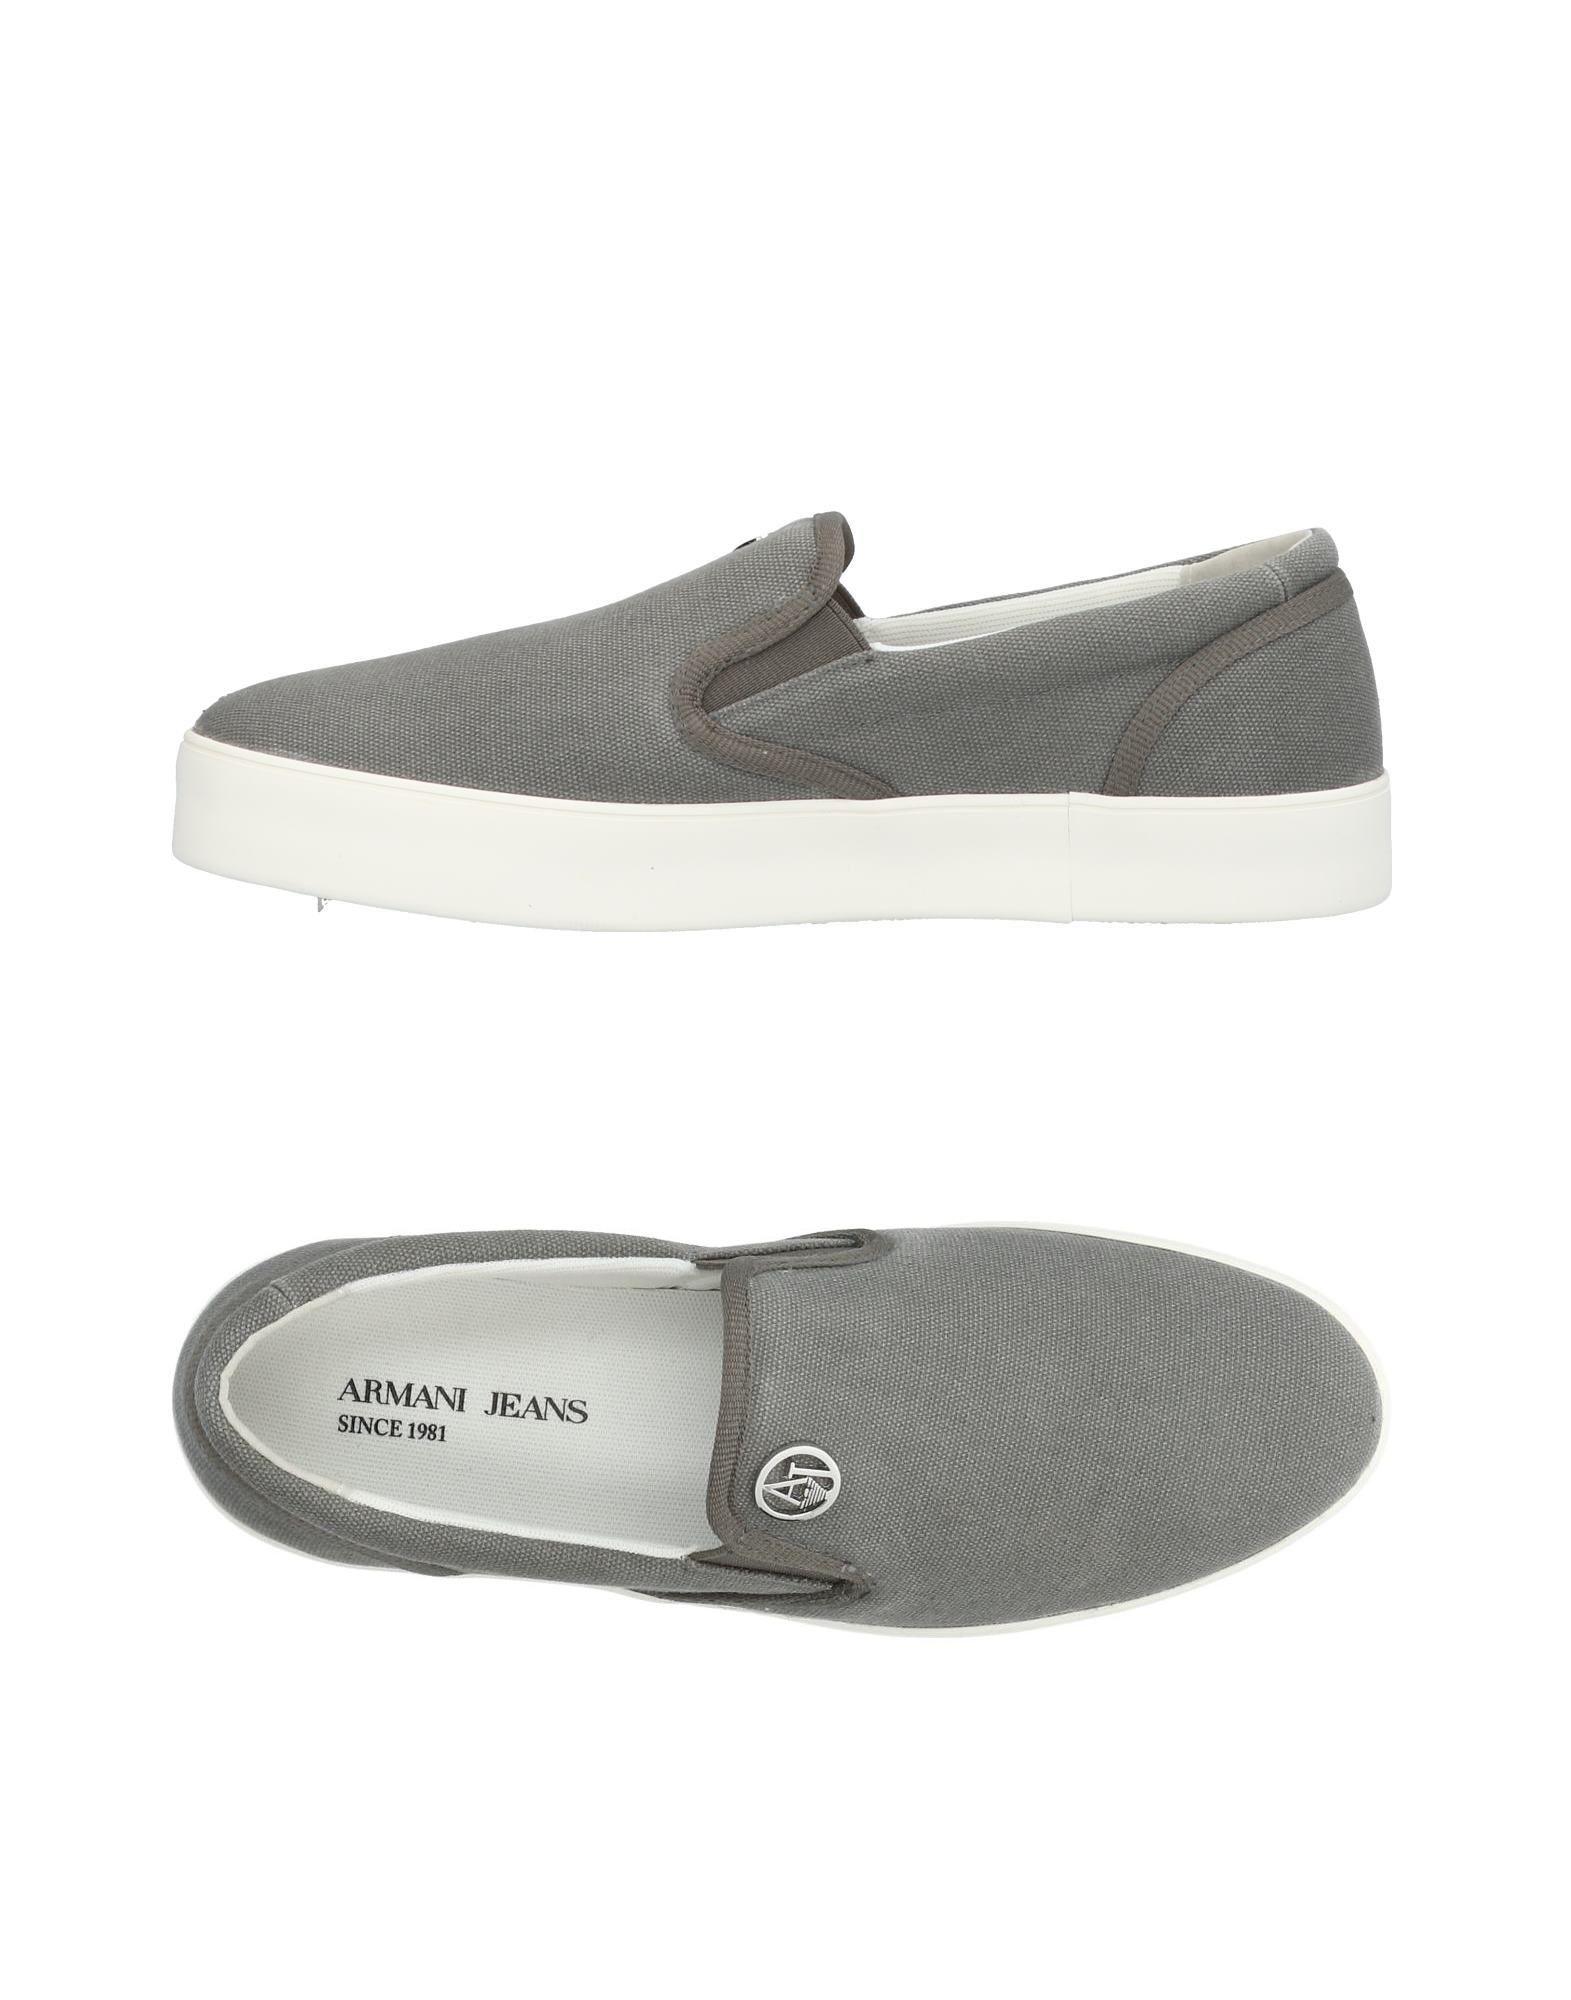 Armani Jeans Sneakers Damen  11426495HO